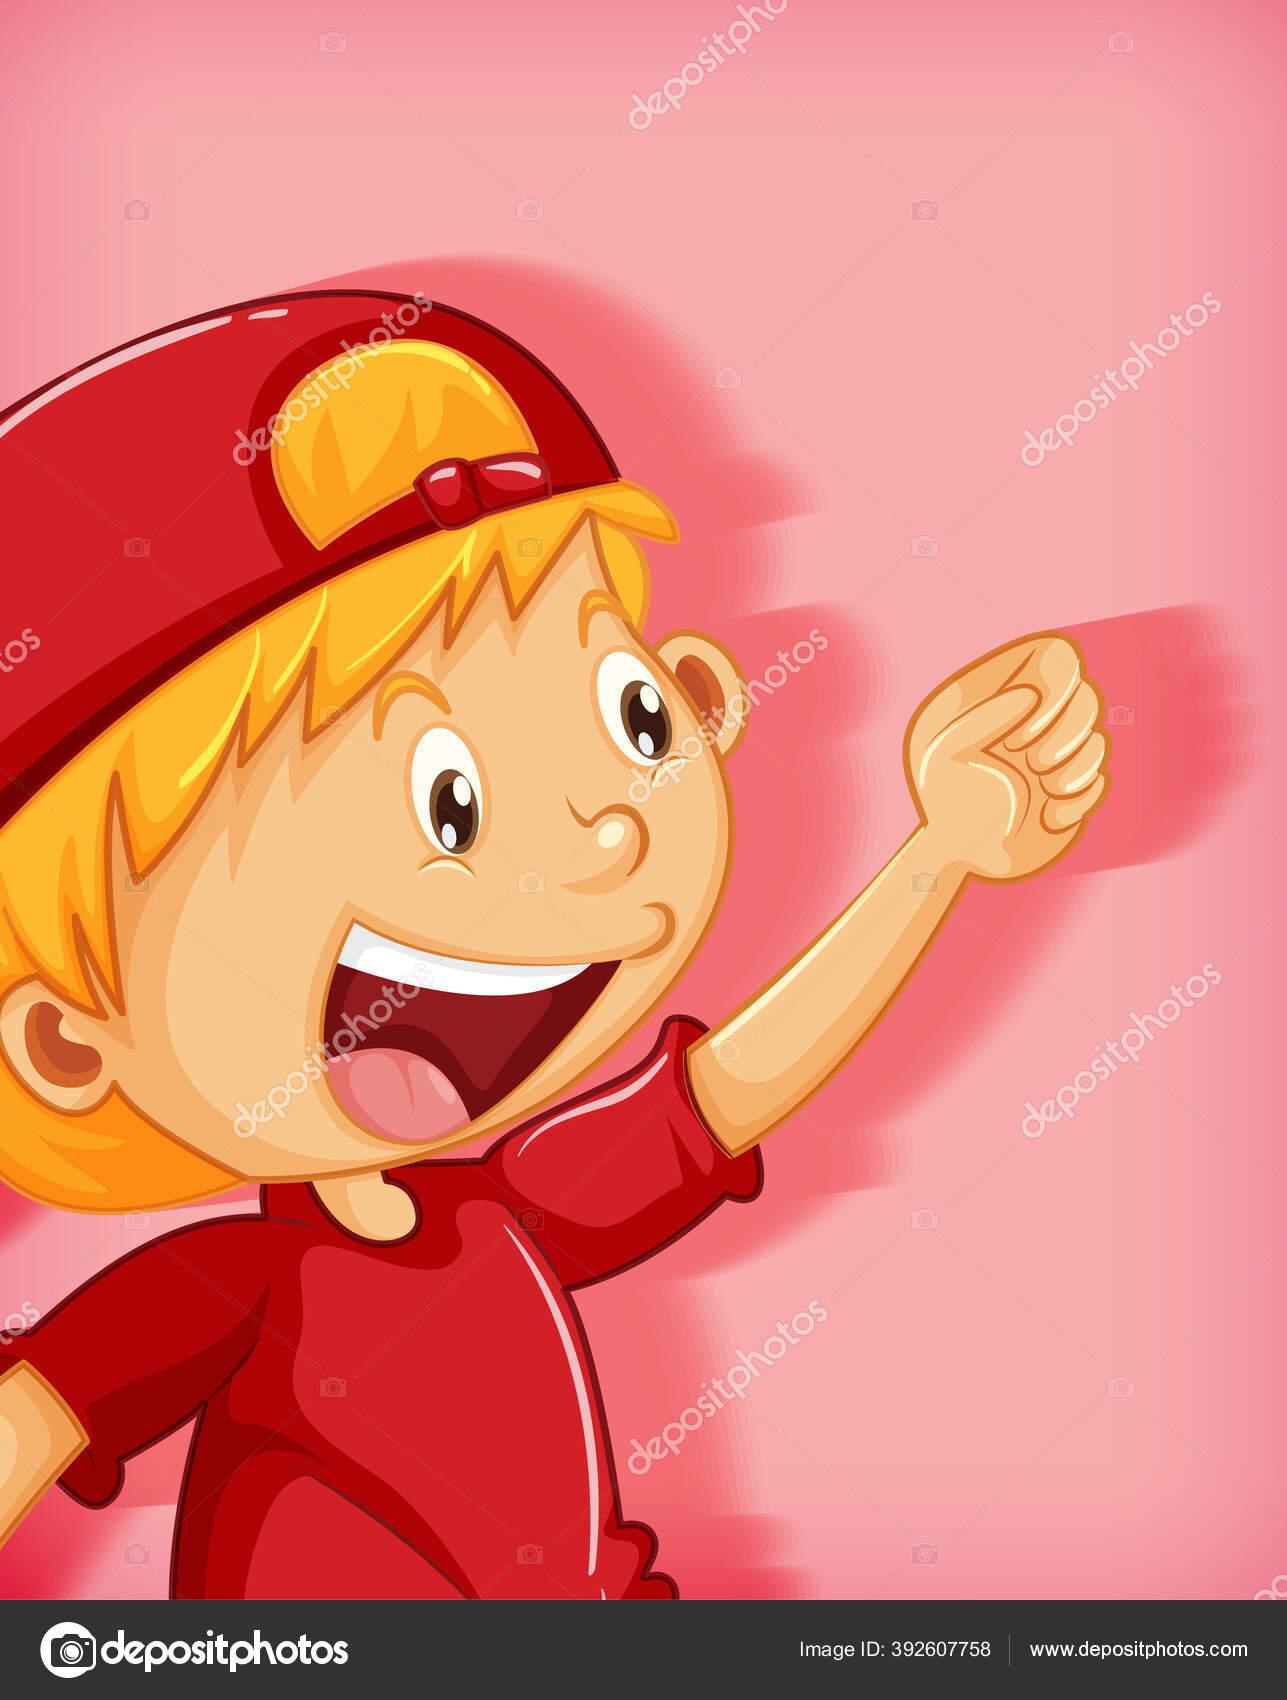 Anak Laki Laki Lucu Mengenakan Topi Merah Dengan Karakter Kartun Stok Vektor C Interactimages 392607758